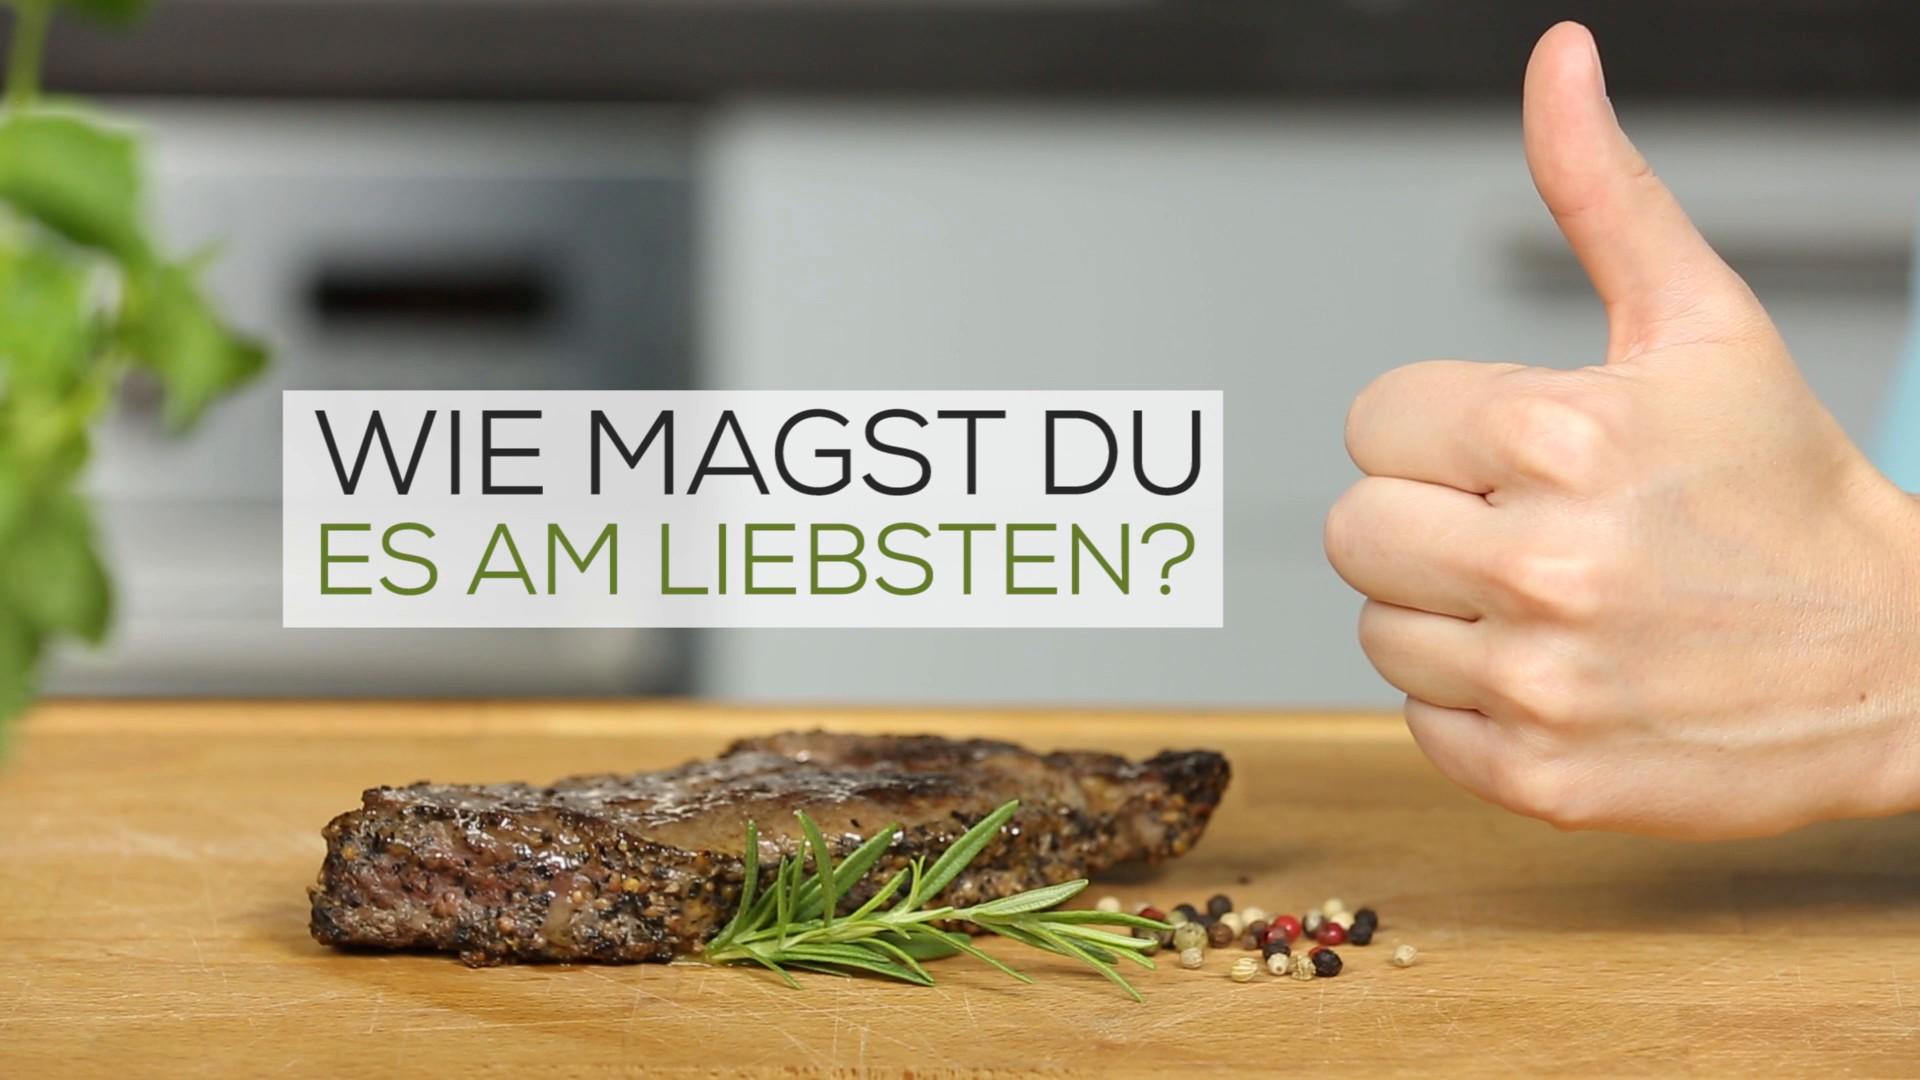 Der Steakfingertrick_EL.mp4: image 9